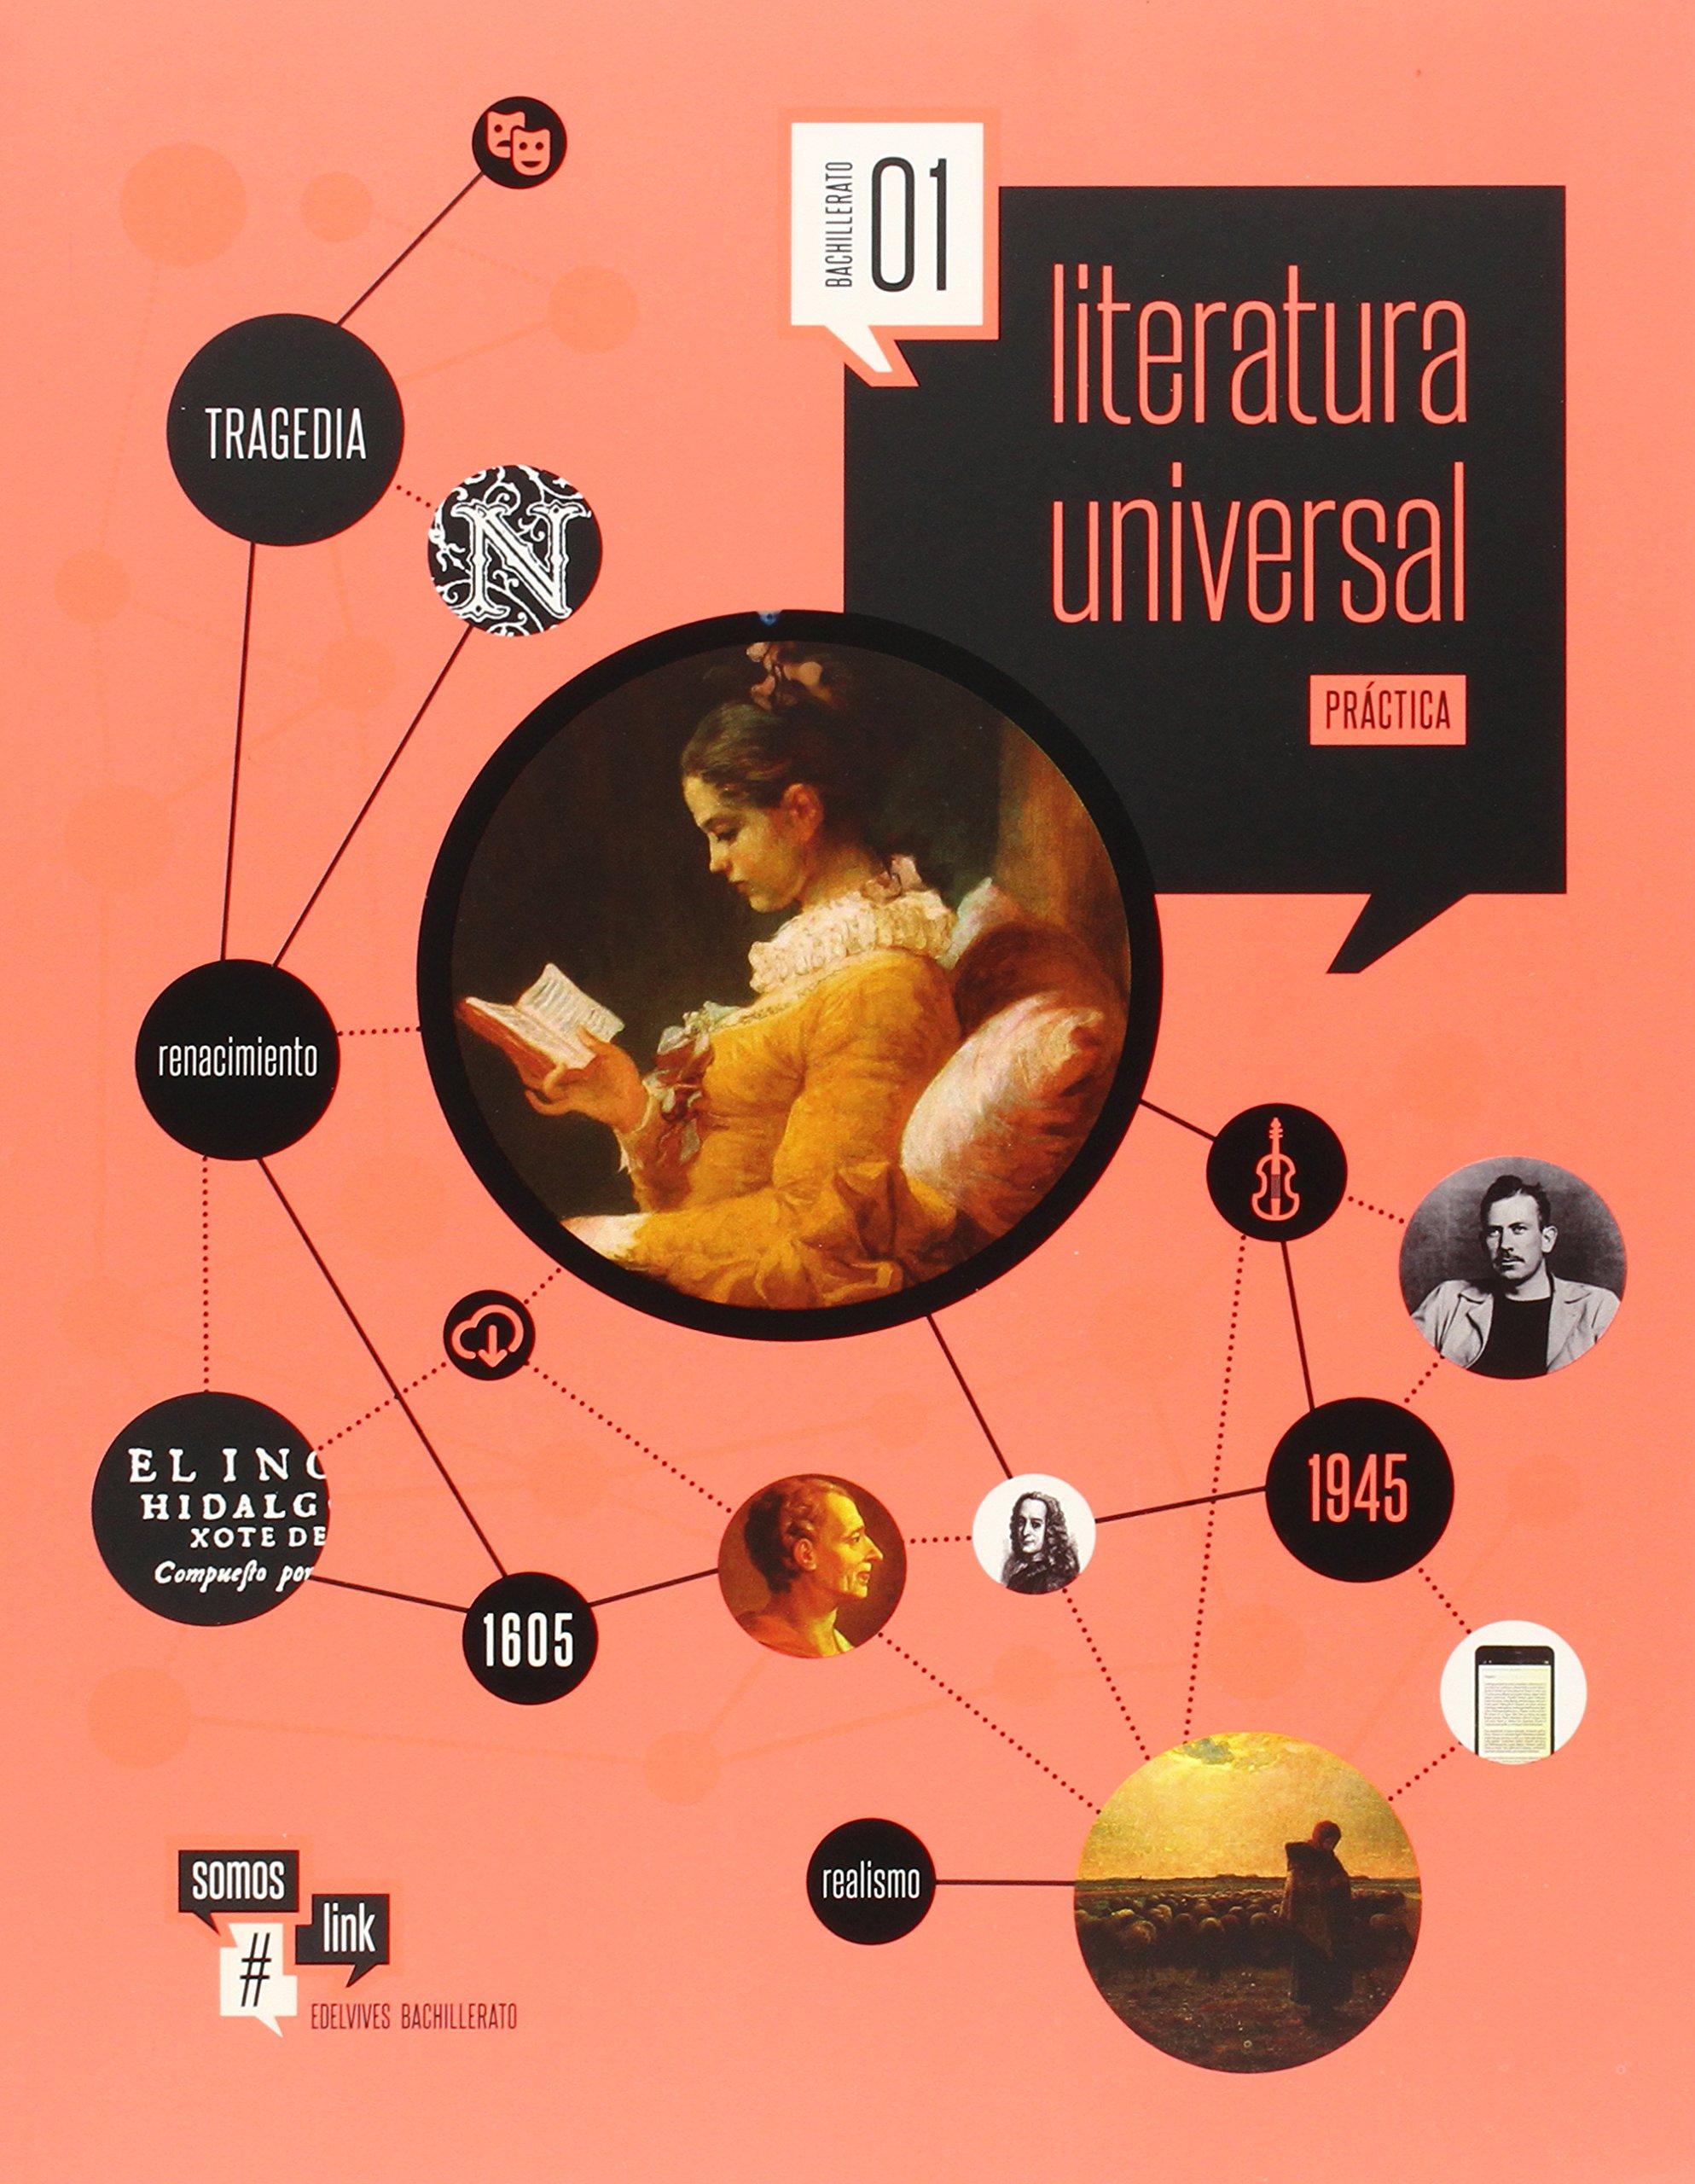 Literatura Universal 1º Bachillerato Somoslink - 9788426399649: Amazon.es: González-Serna Sánchez, José Mª, Llona Colino, Mª Casilda: Libros